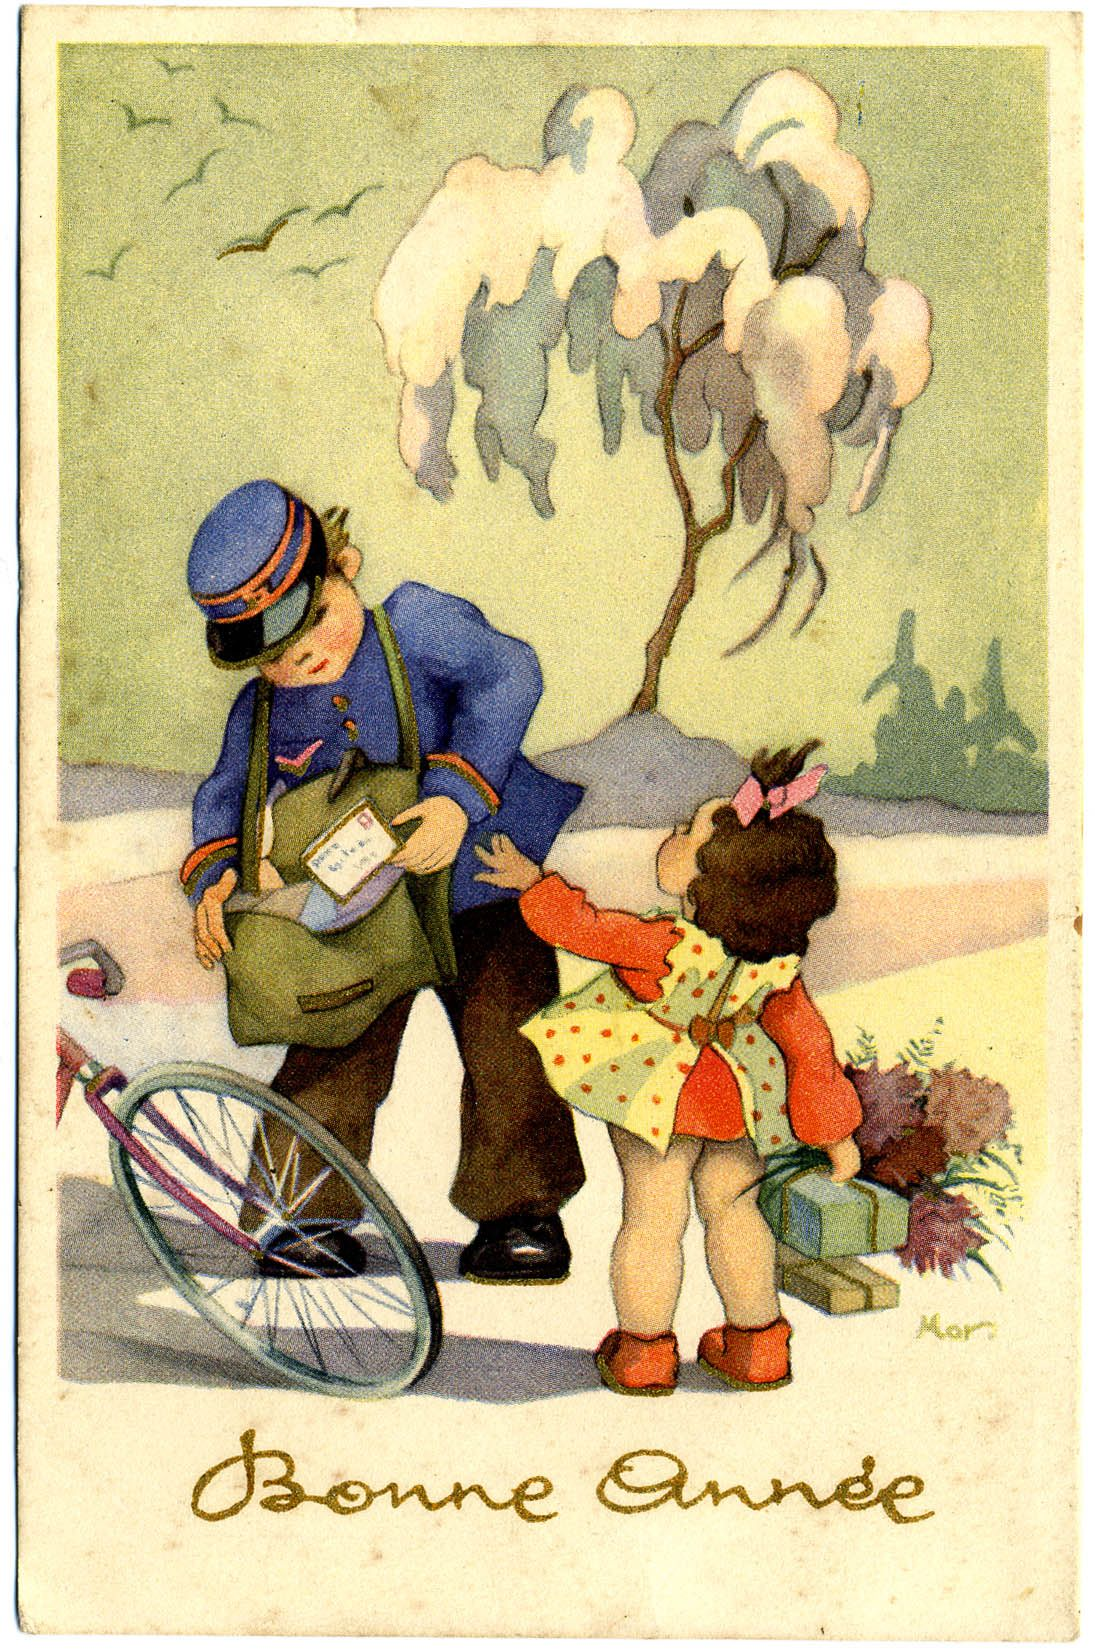 Carte postale 1954 © L'Adresse Musée de La Poste / La Poste, DR